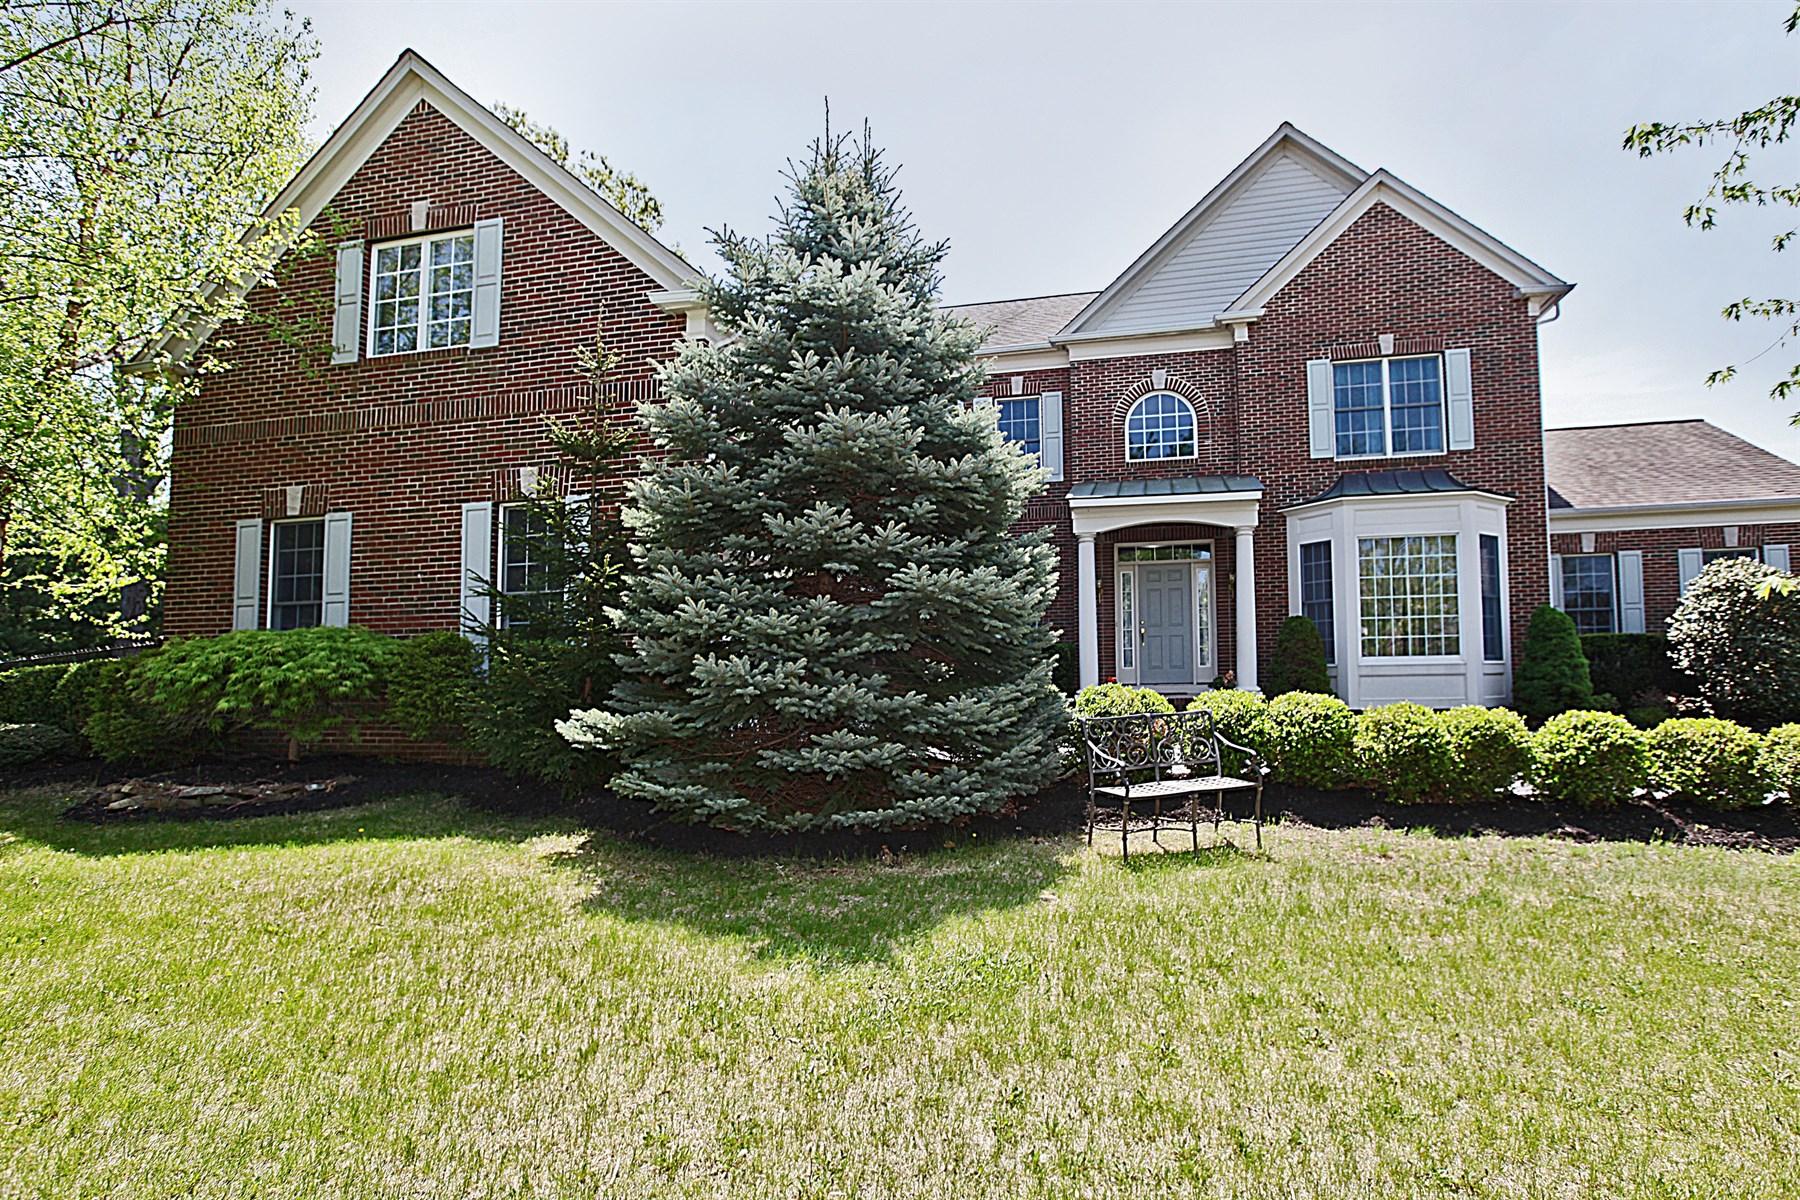 단독 가정 주택 용 매매 에 68 Sage Street Holmdel, 뉴저지 07733 미국